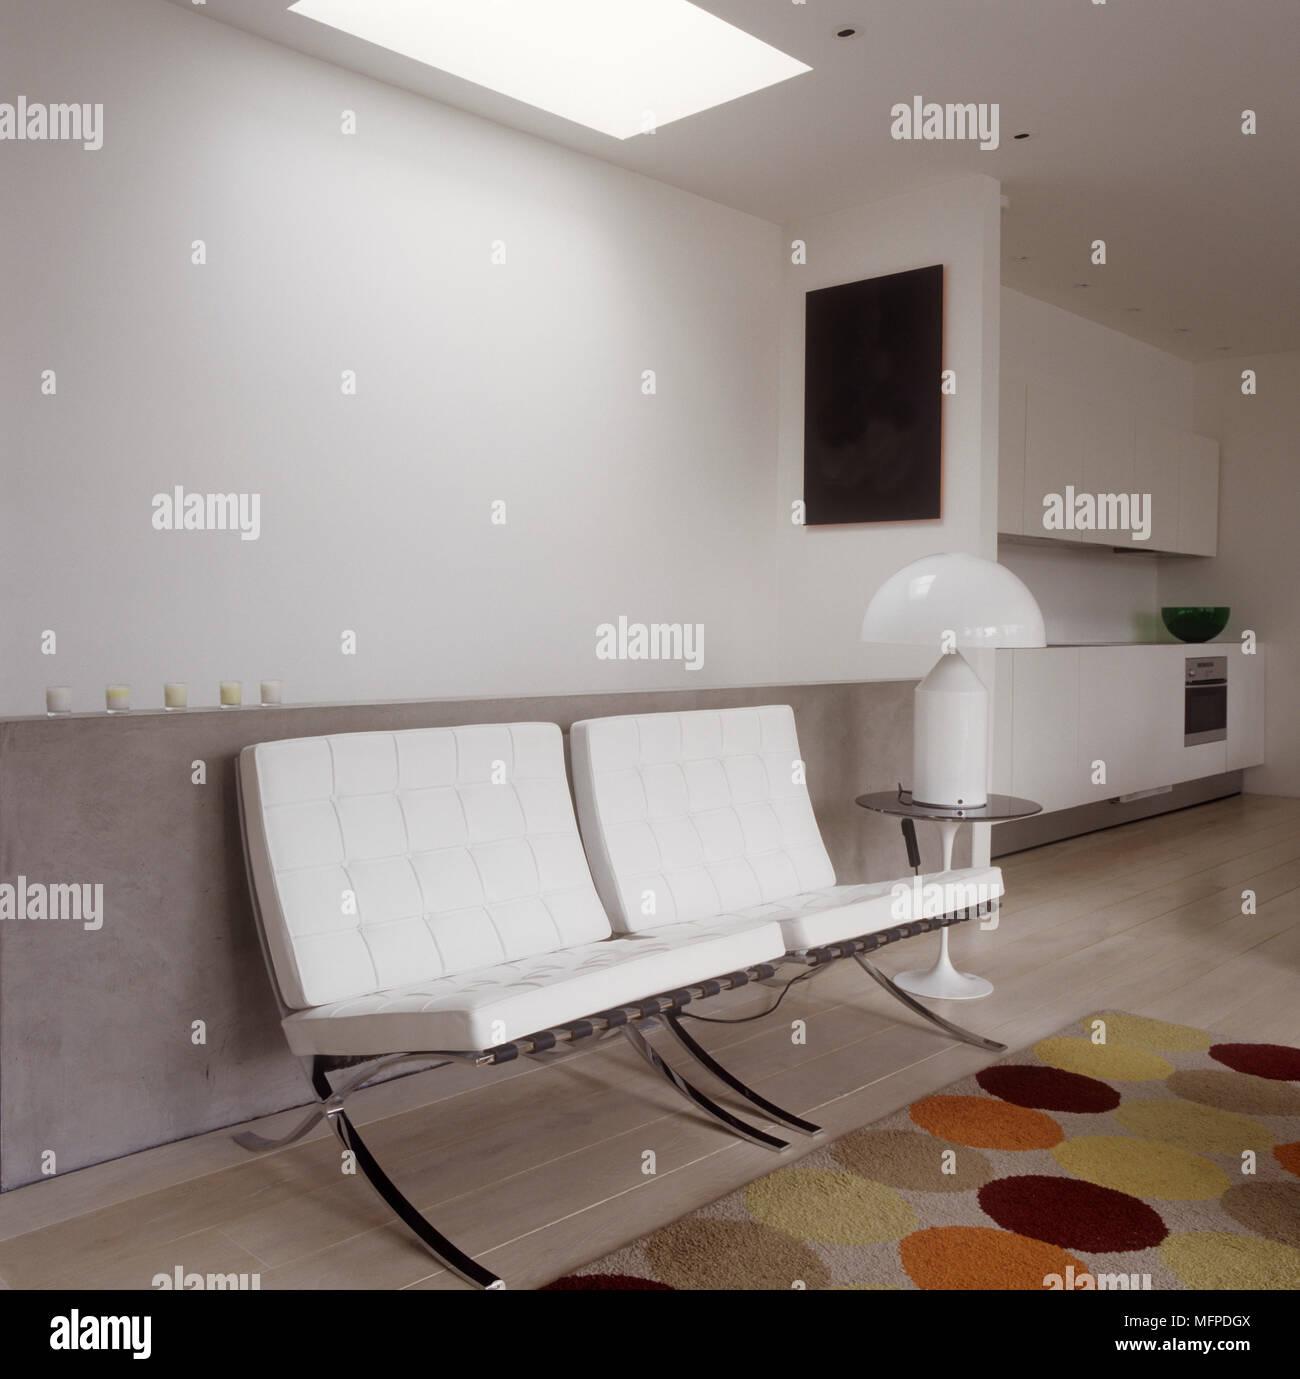 Designer Möbel im Wohnzimmer, Mies van der Rohe Ledersesseln und ...